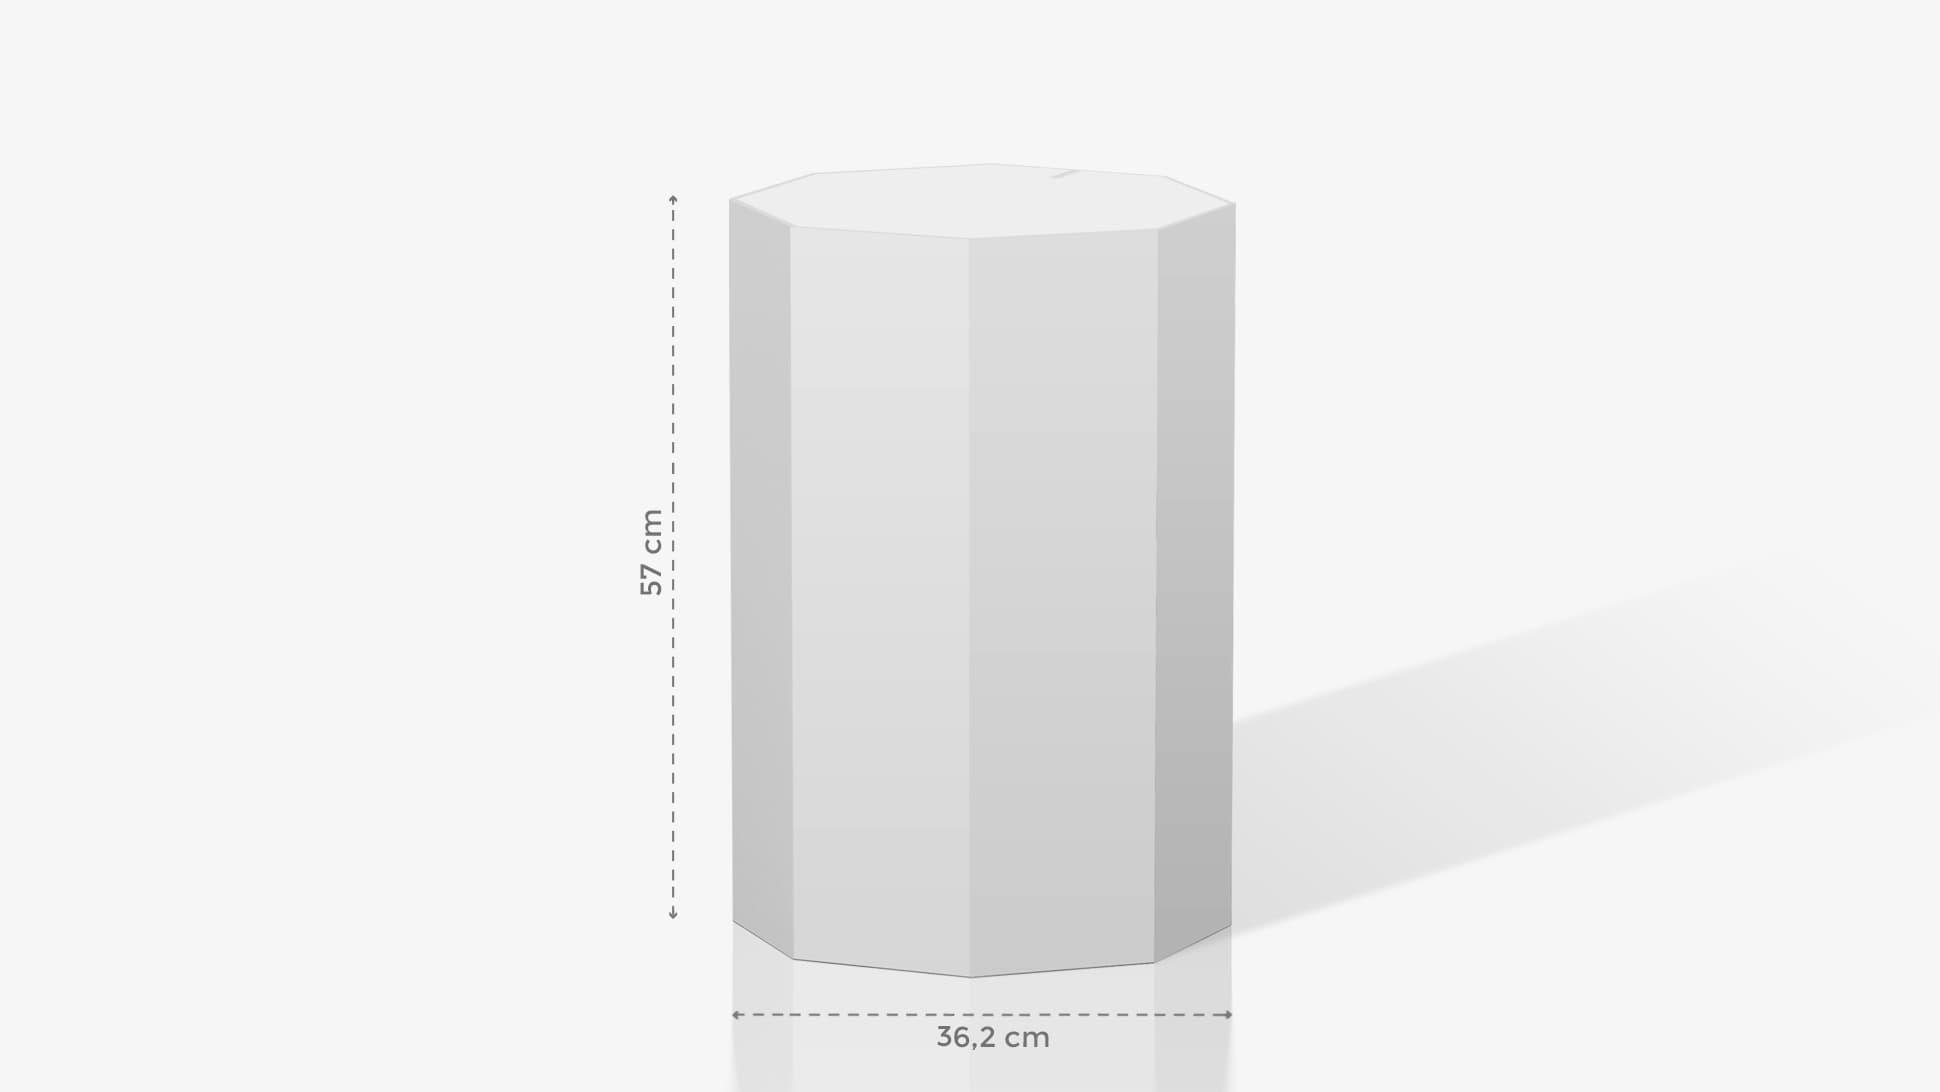 Espositore a ottagono medio-piccolo personalizzabile | tictac.it